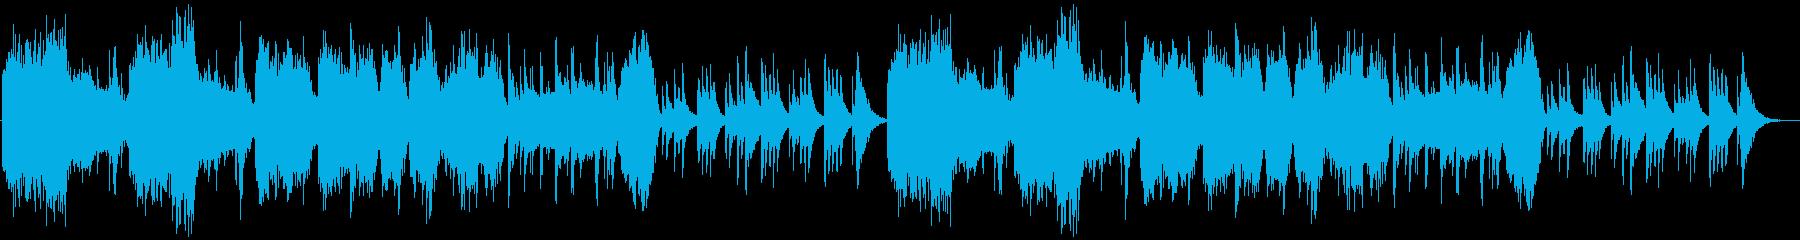 ミステリアスで静かな和風曲の再生済みの波形